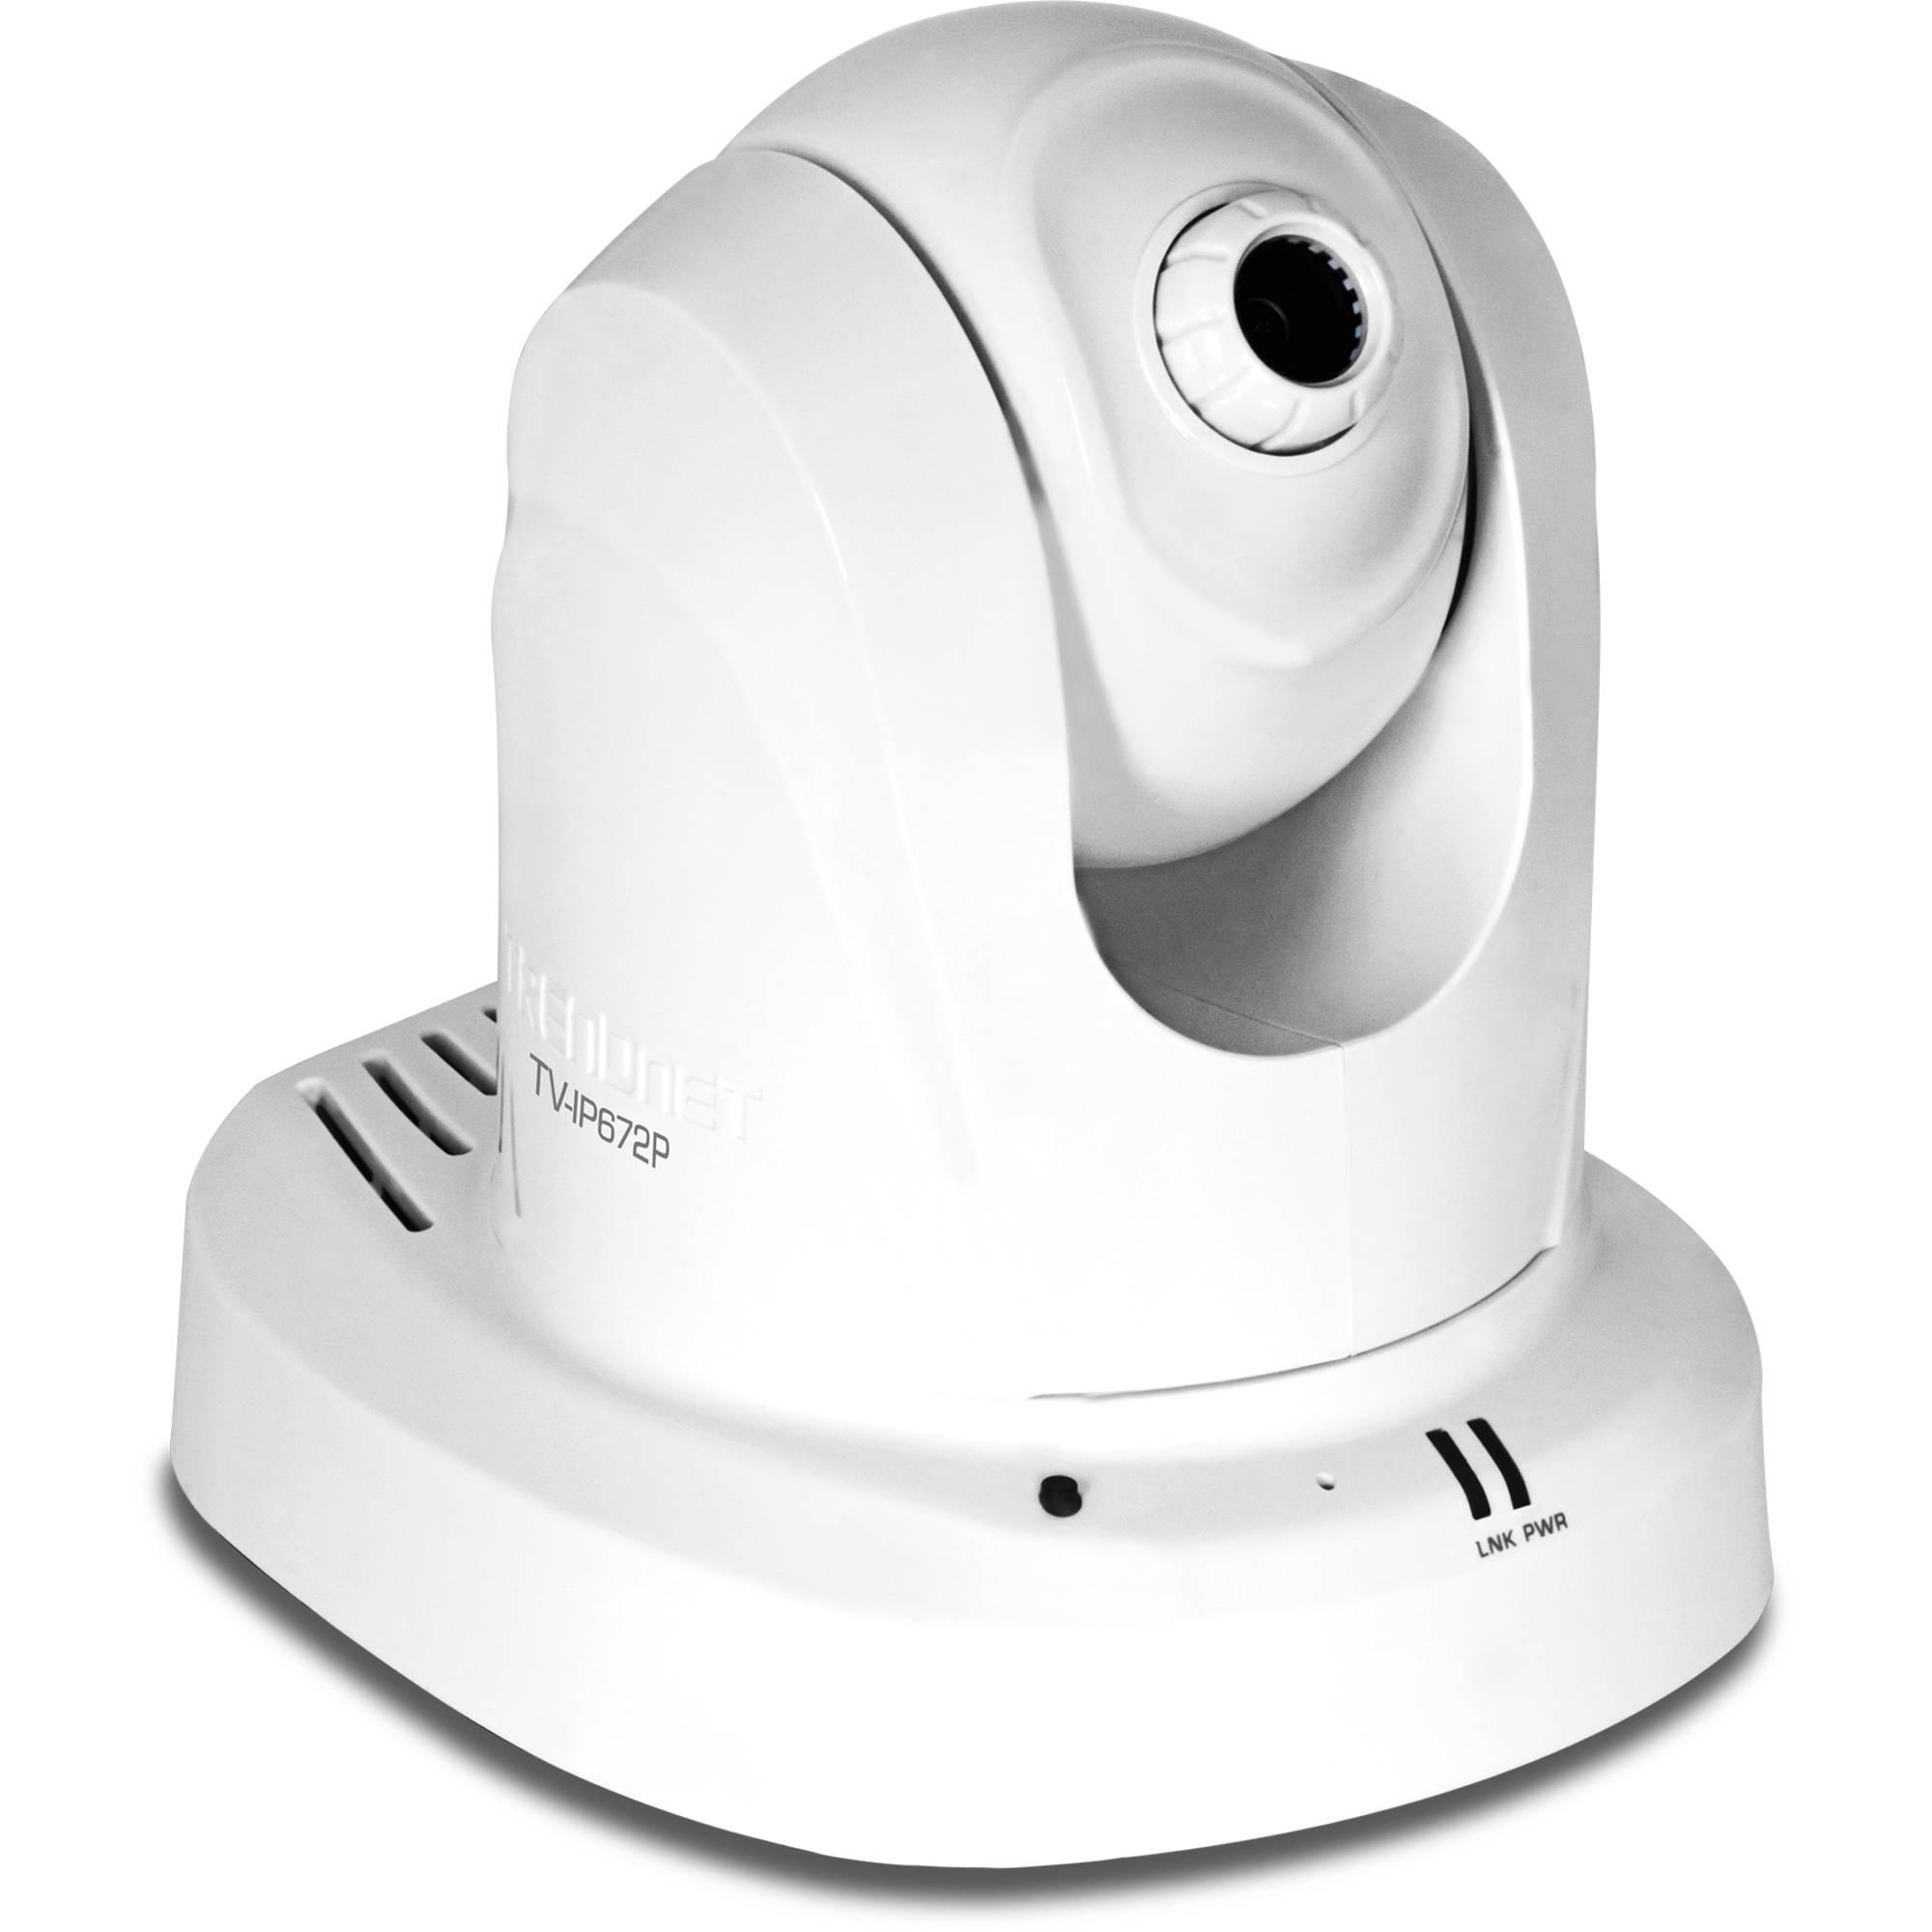 Trendnet tv ip672p megapixel poe ptz internet indoor tv ip672p for Camera it web tv